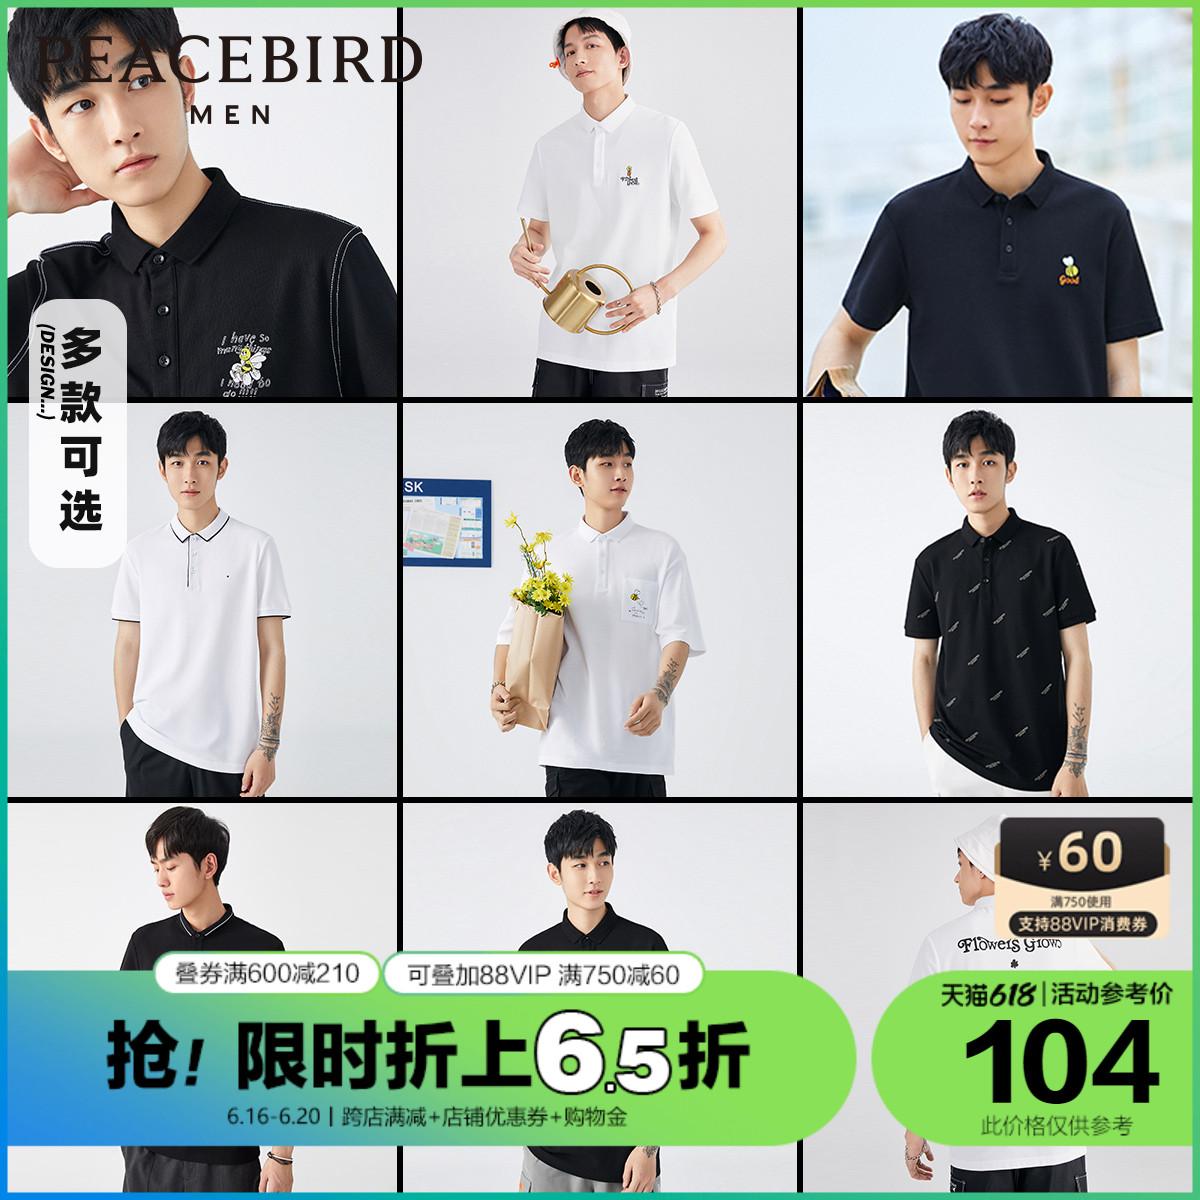 太平鸟男装 2021夏季新款短袖polo衫商务休闲时尚短袖t恤男保罗衫